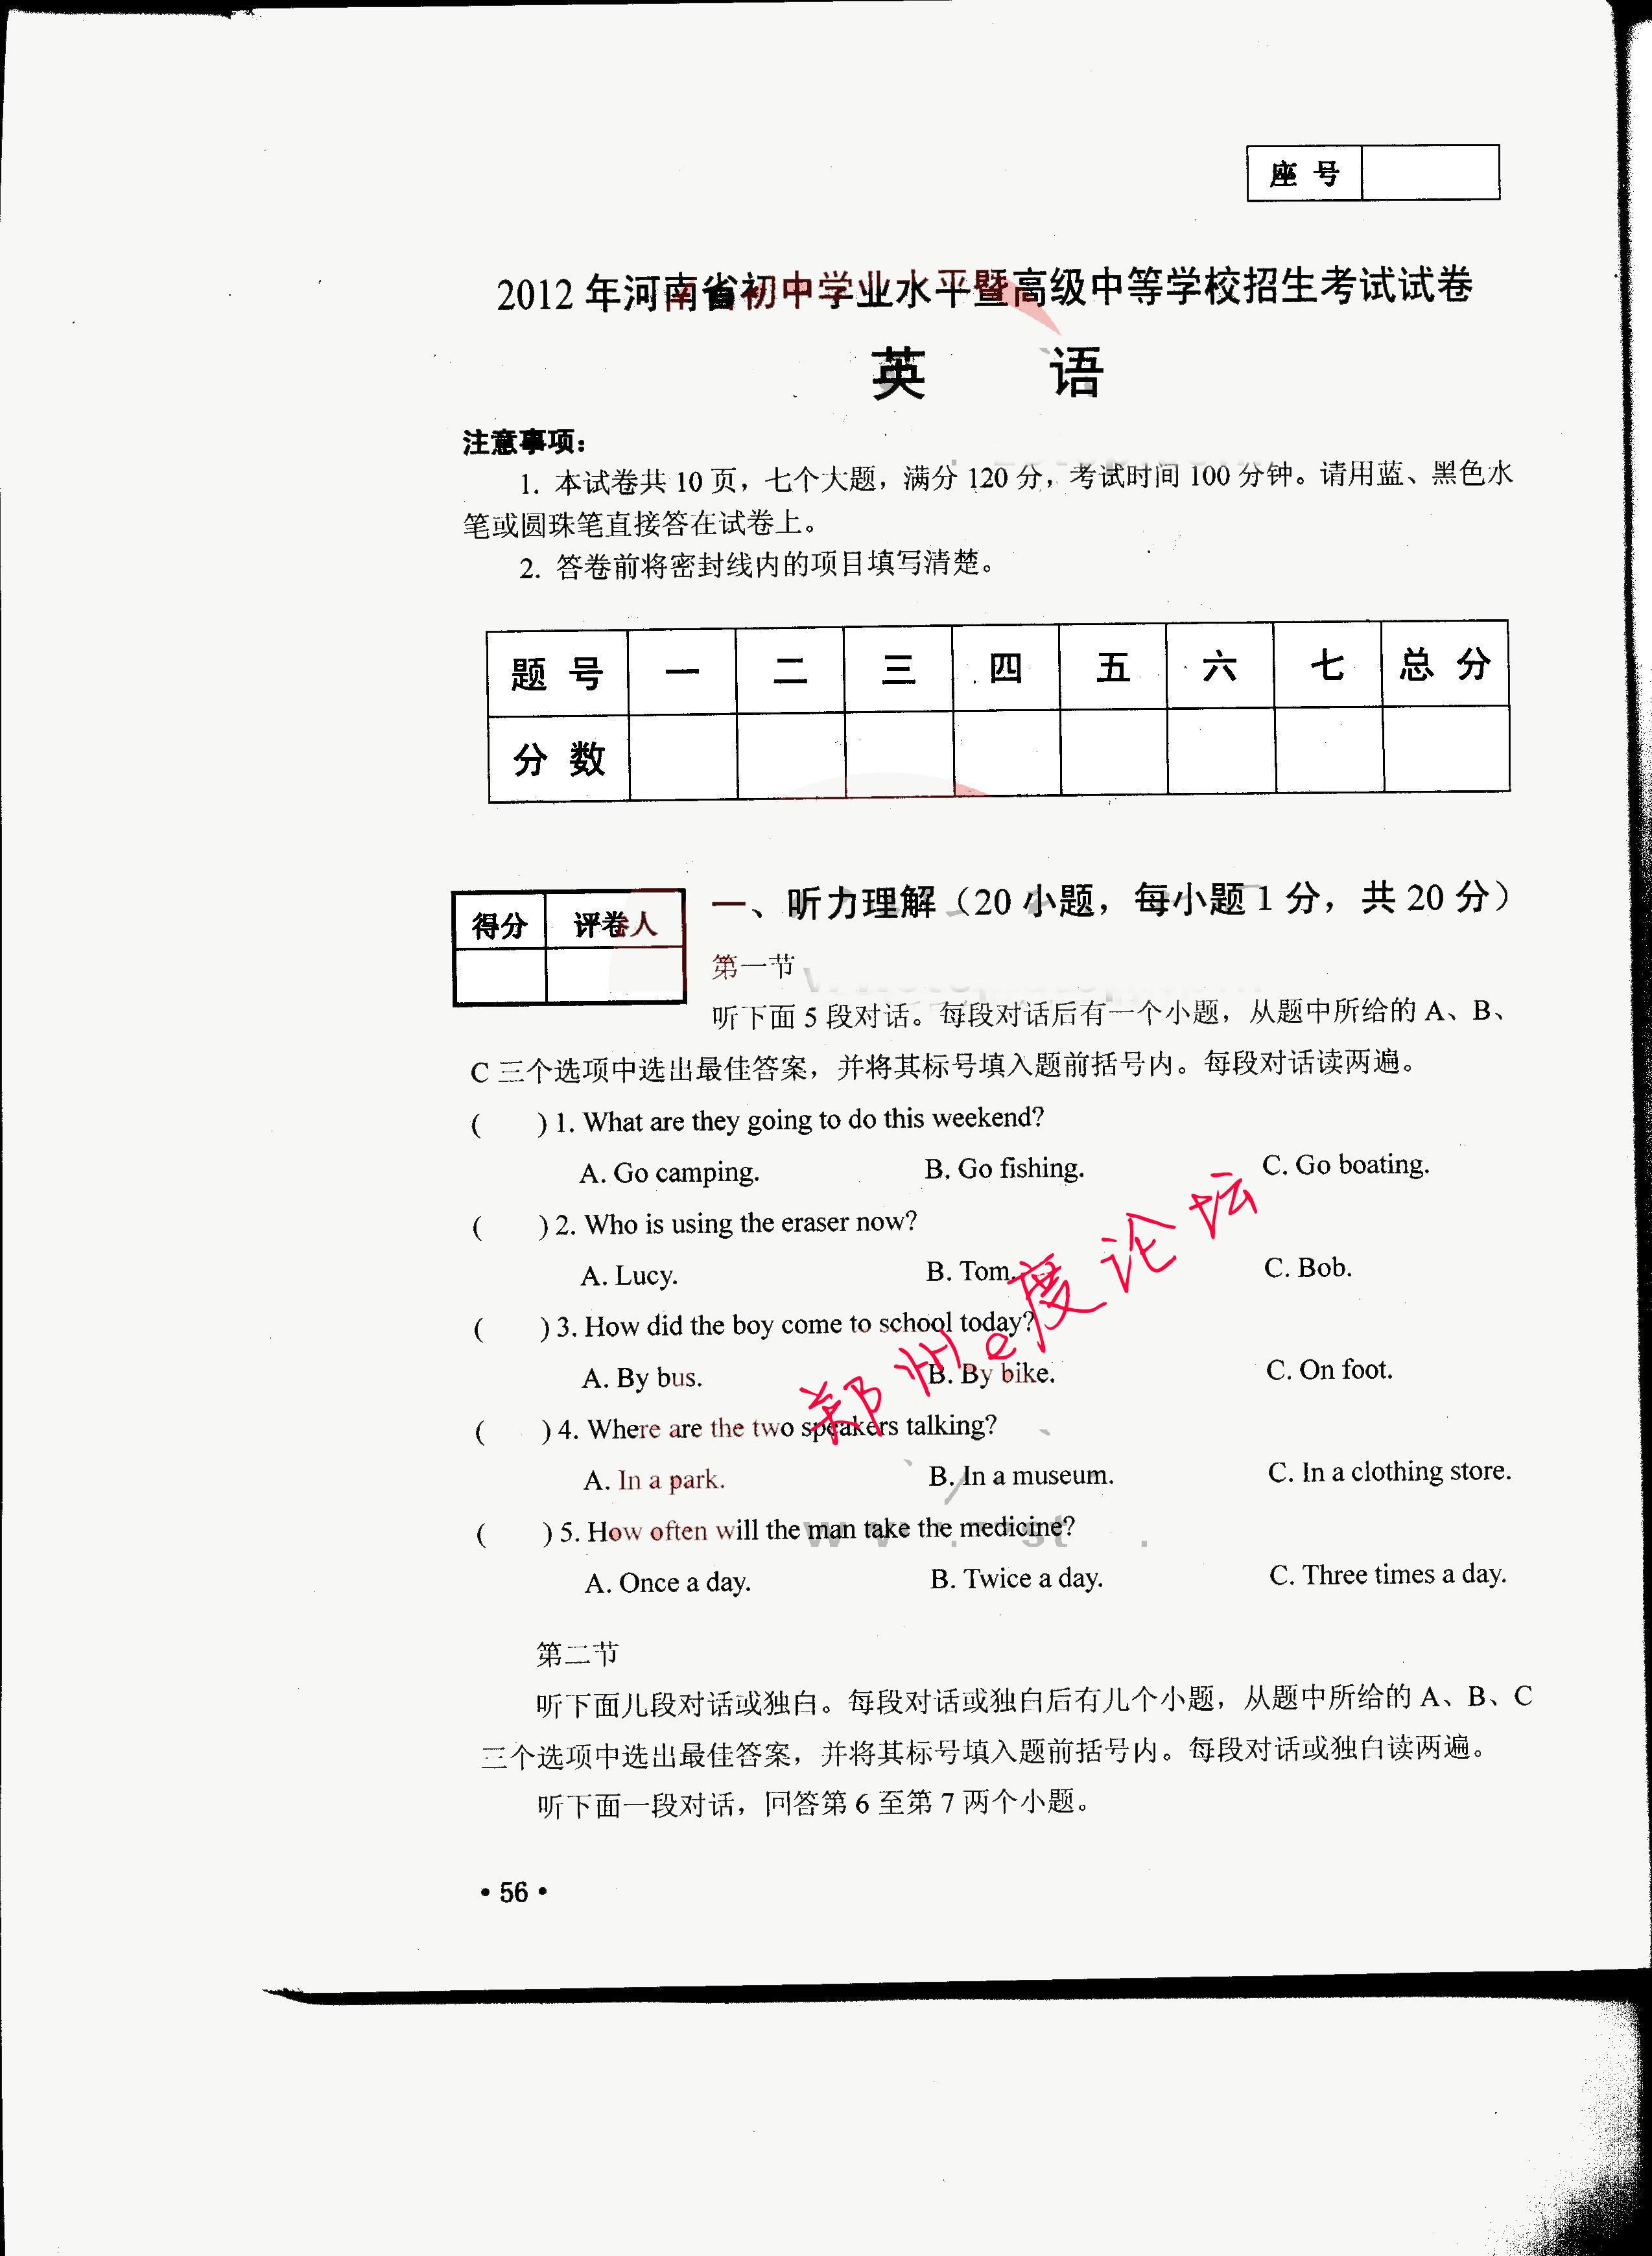 2012河南中招_2012年河南中招英语试题及答案_英语真题_郑州中考网